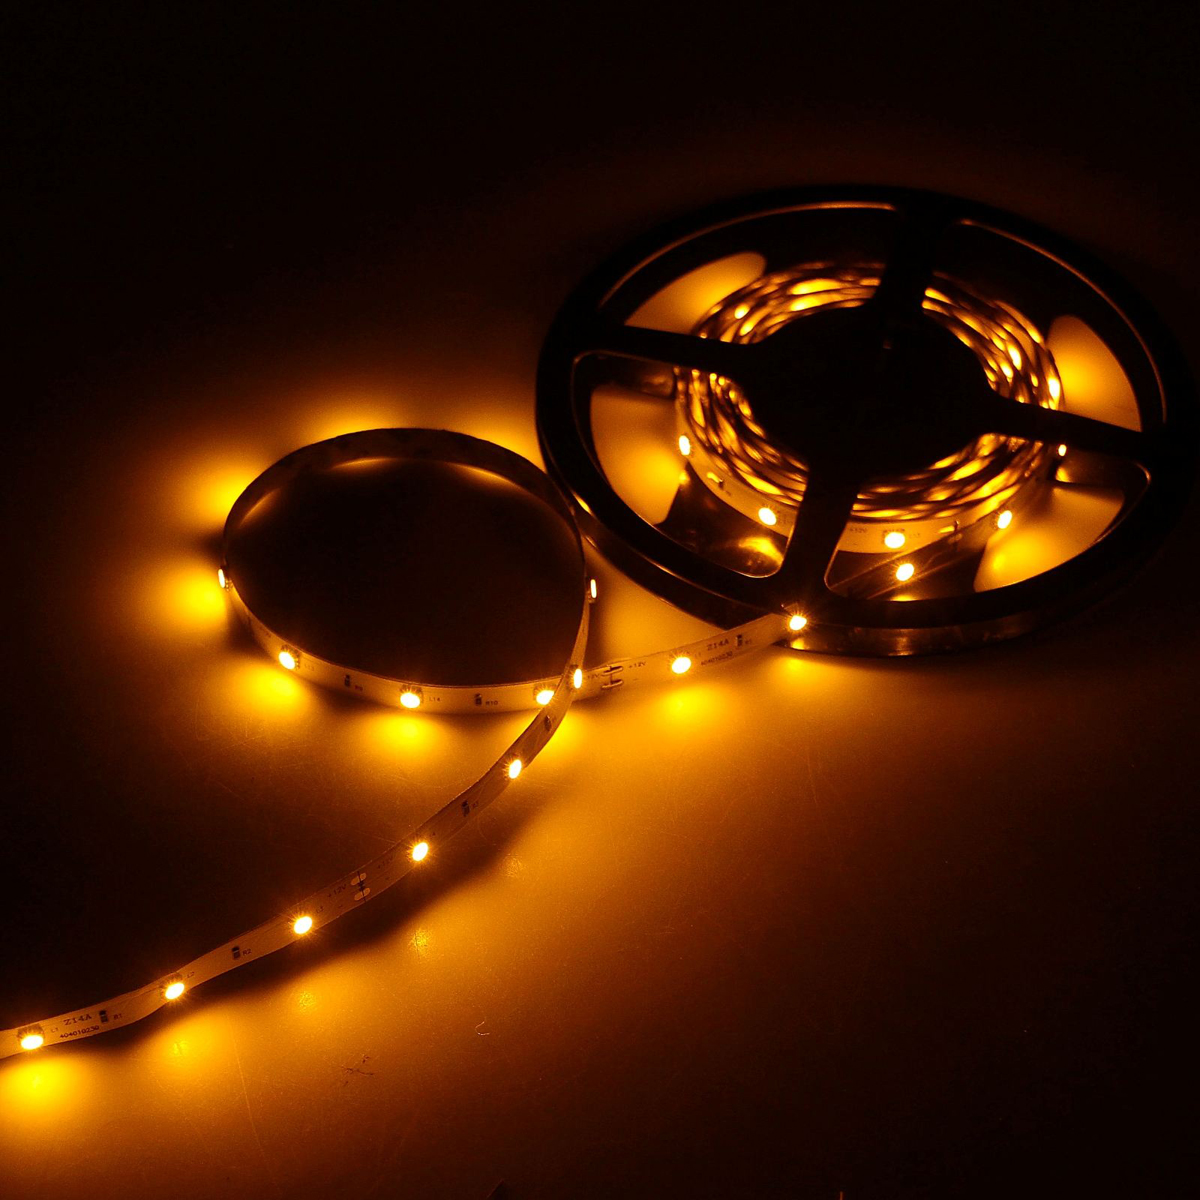 Светодиодная лента Luazon, 12В, SMD5050, длина 5 м, IP33, 30 LED ламп, 7.2 Вт/м, 14-16 Лм/1 LED, DC, цвет: желтый883916Светодиодные гирлянды, ленты и т.д — это отличный вариант для новогоднего оформления интерьера или фасада. С их помощью помещение любого размера можно превратить в праздничный зал, а внешние элементы зданий, украшенные ими, мгновенно станут напоминать очертания сказочного дворца. Такие украшения создают ауру предвкушения чуда. Деревья, фасады, витрины, окна и арки будто специально созданы, чтобы вы украсили их светящимися нитями.